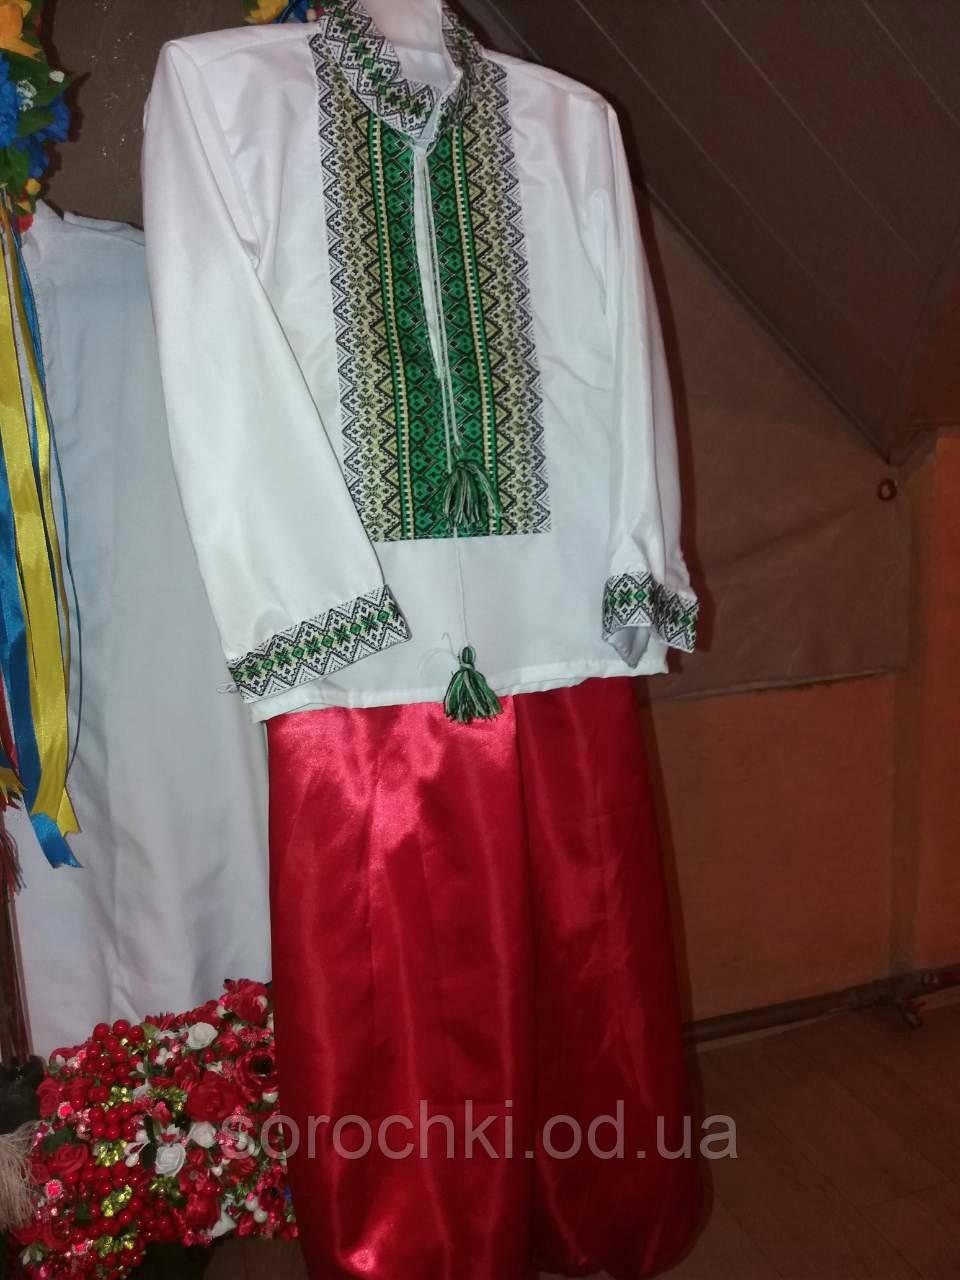 Костюм украинского казака, детский для мальчика, двойка, сорочка  белая поплин , шаровары шелк , прокат